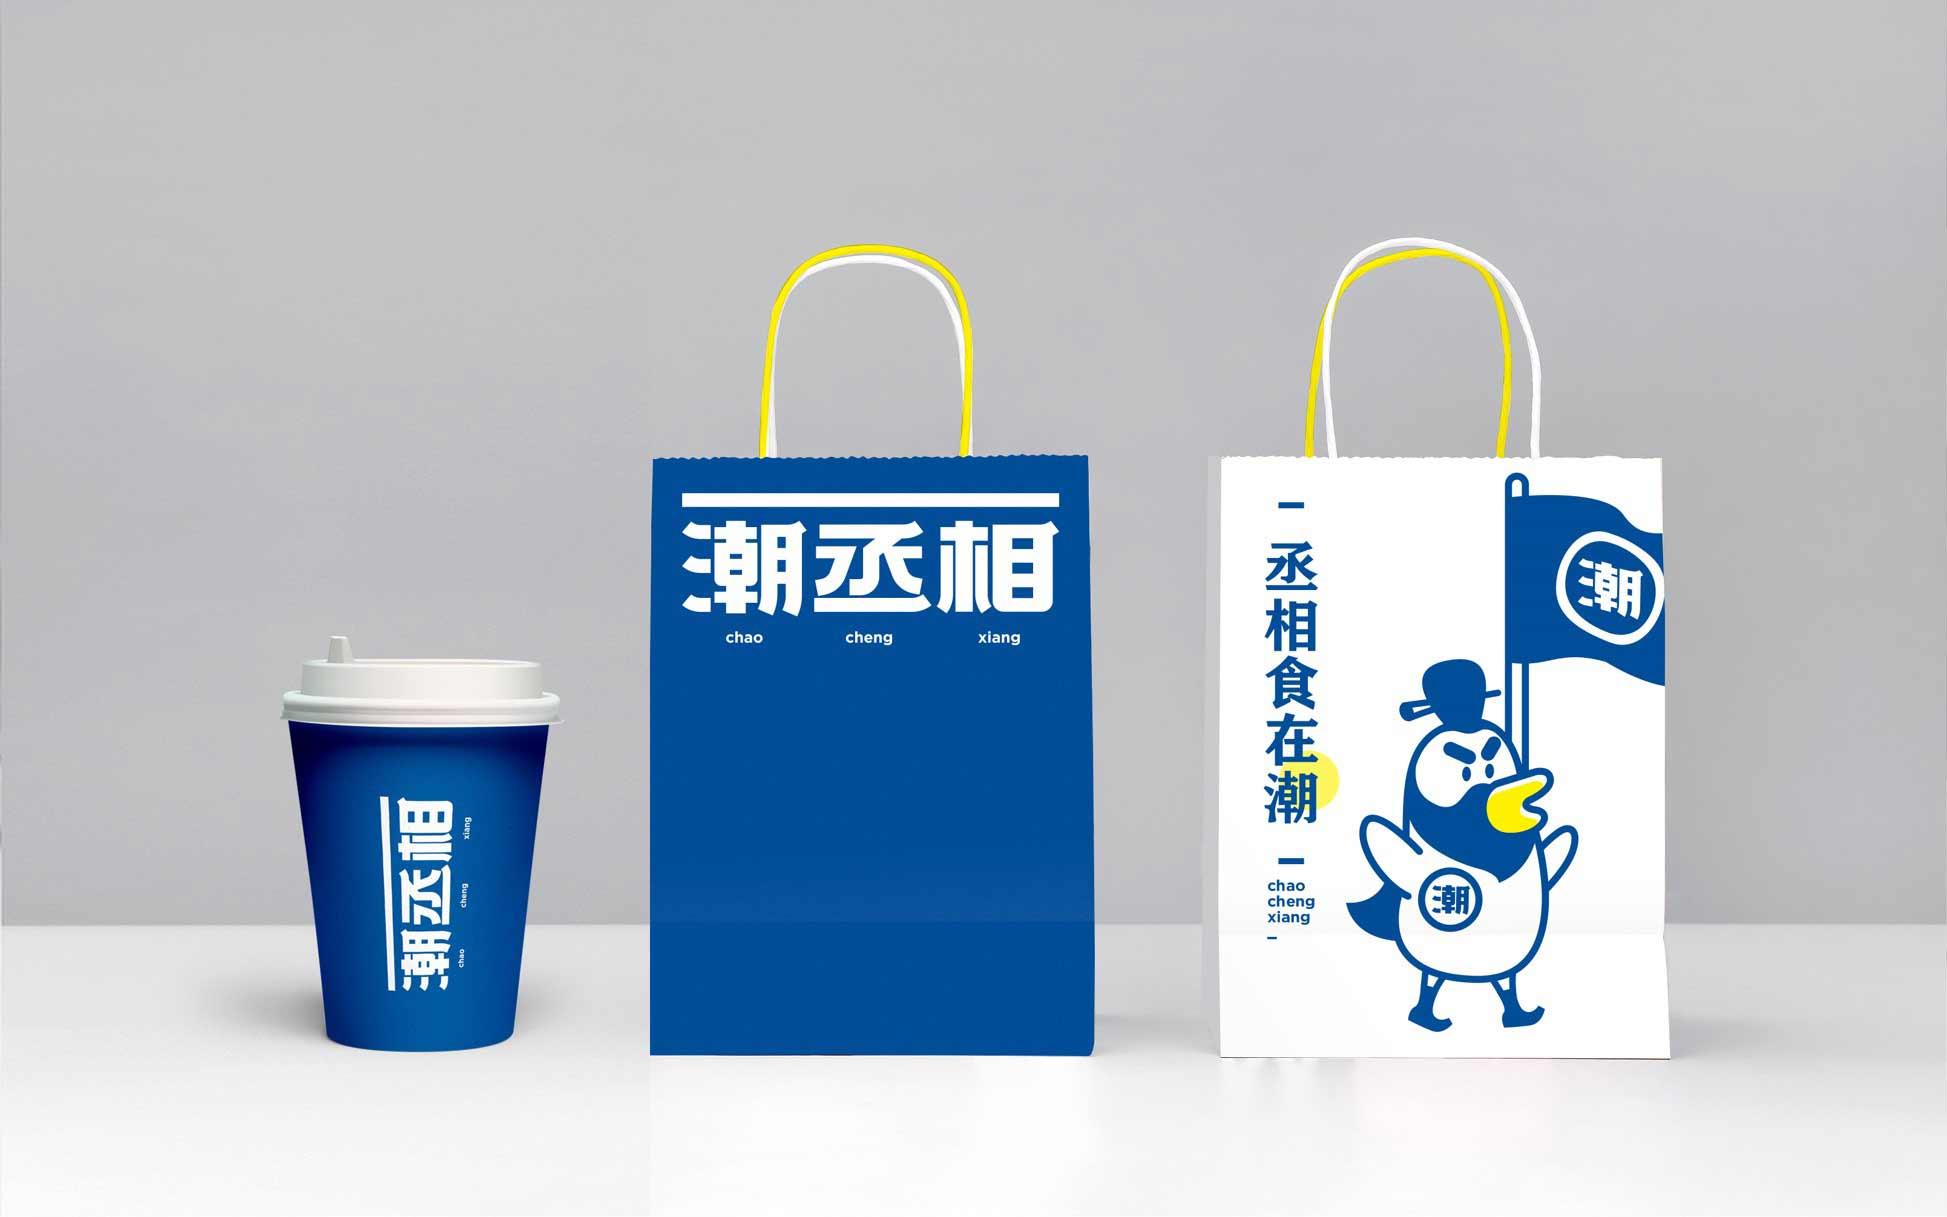 宁波品牌策划推广公司,品牌策划